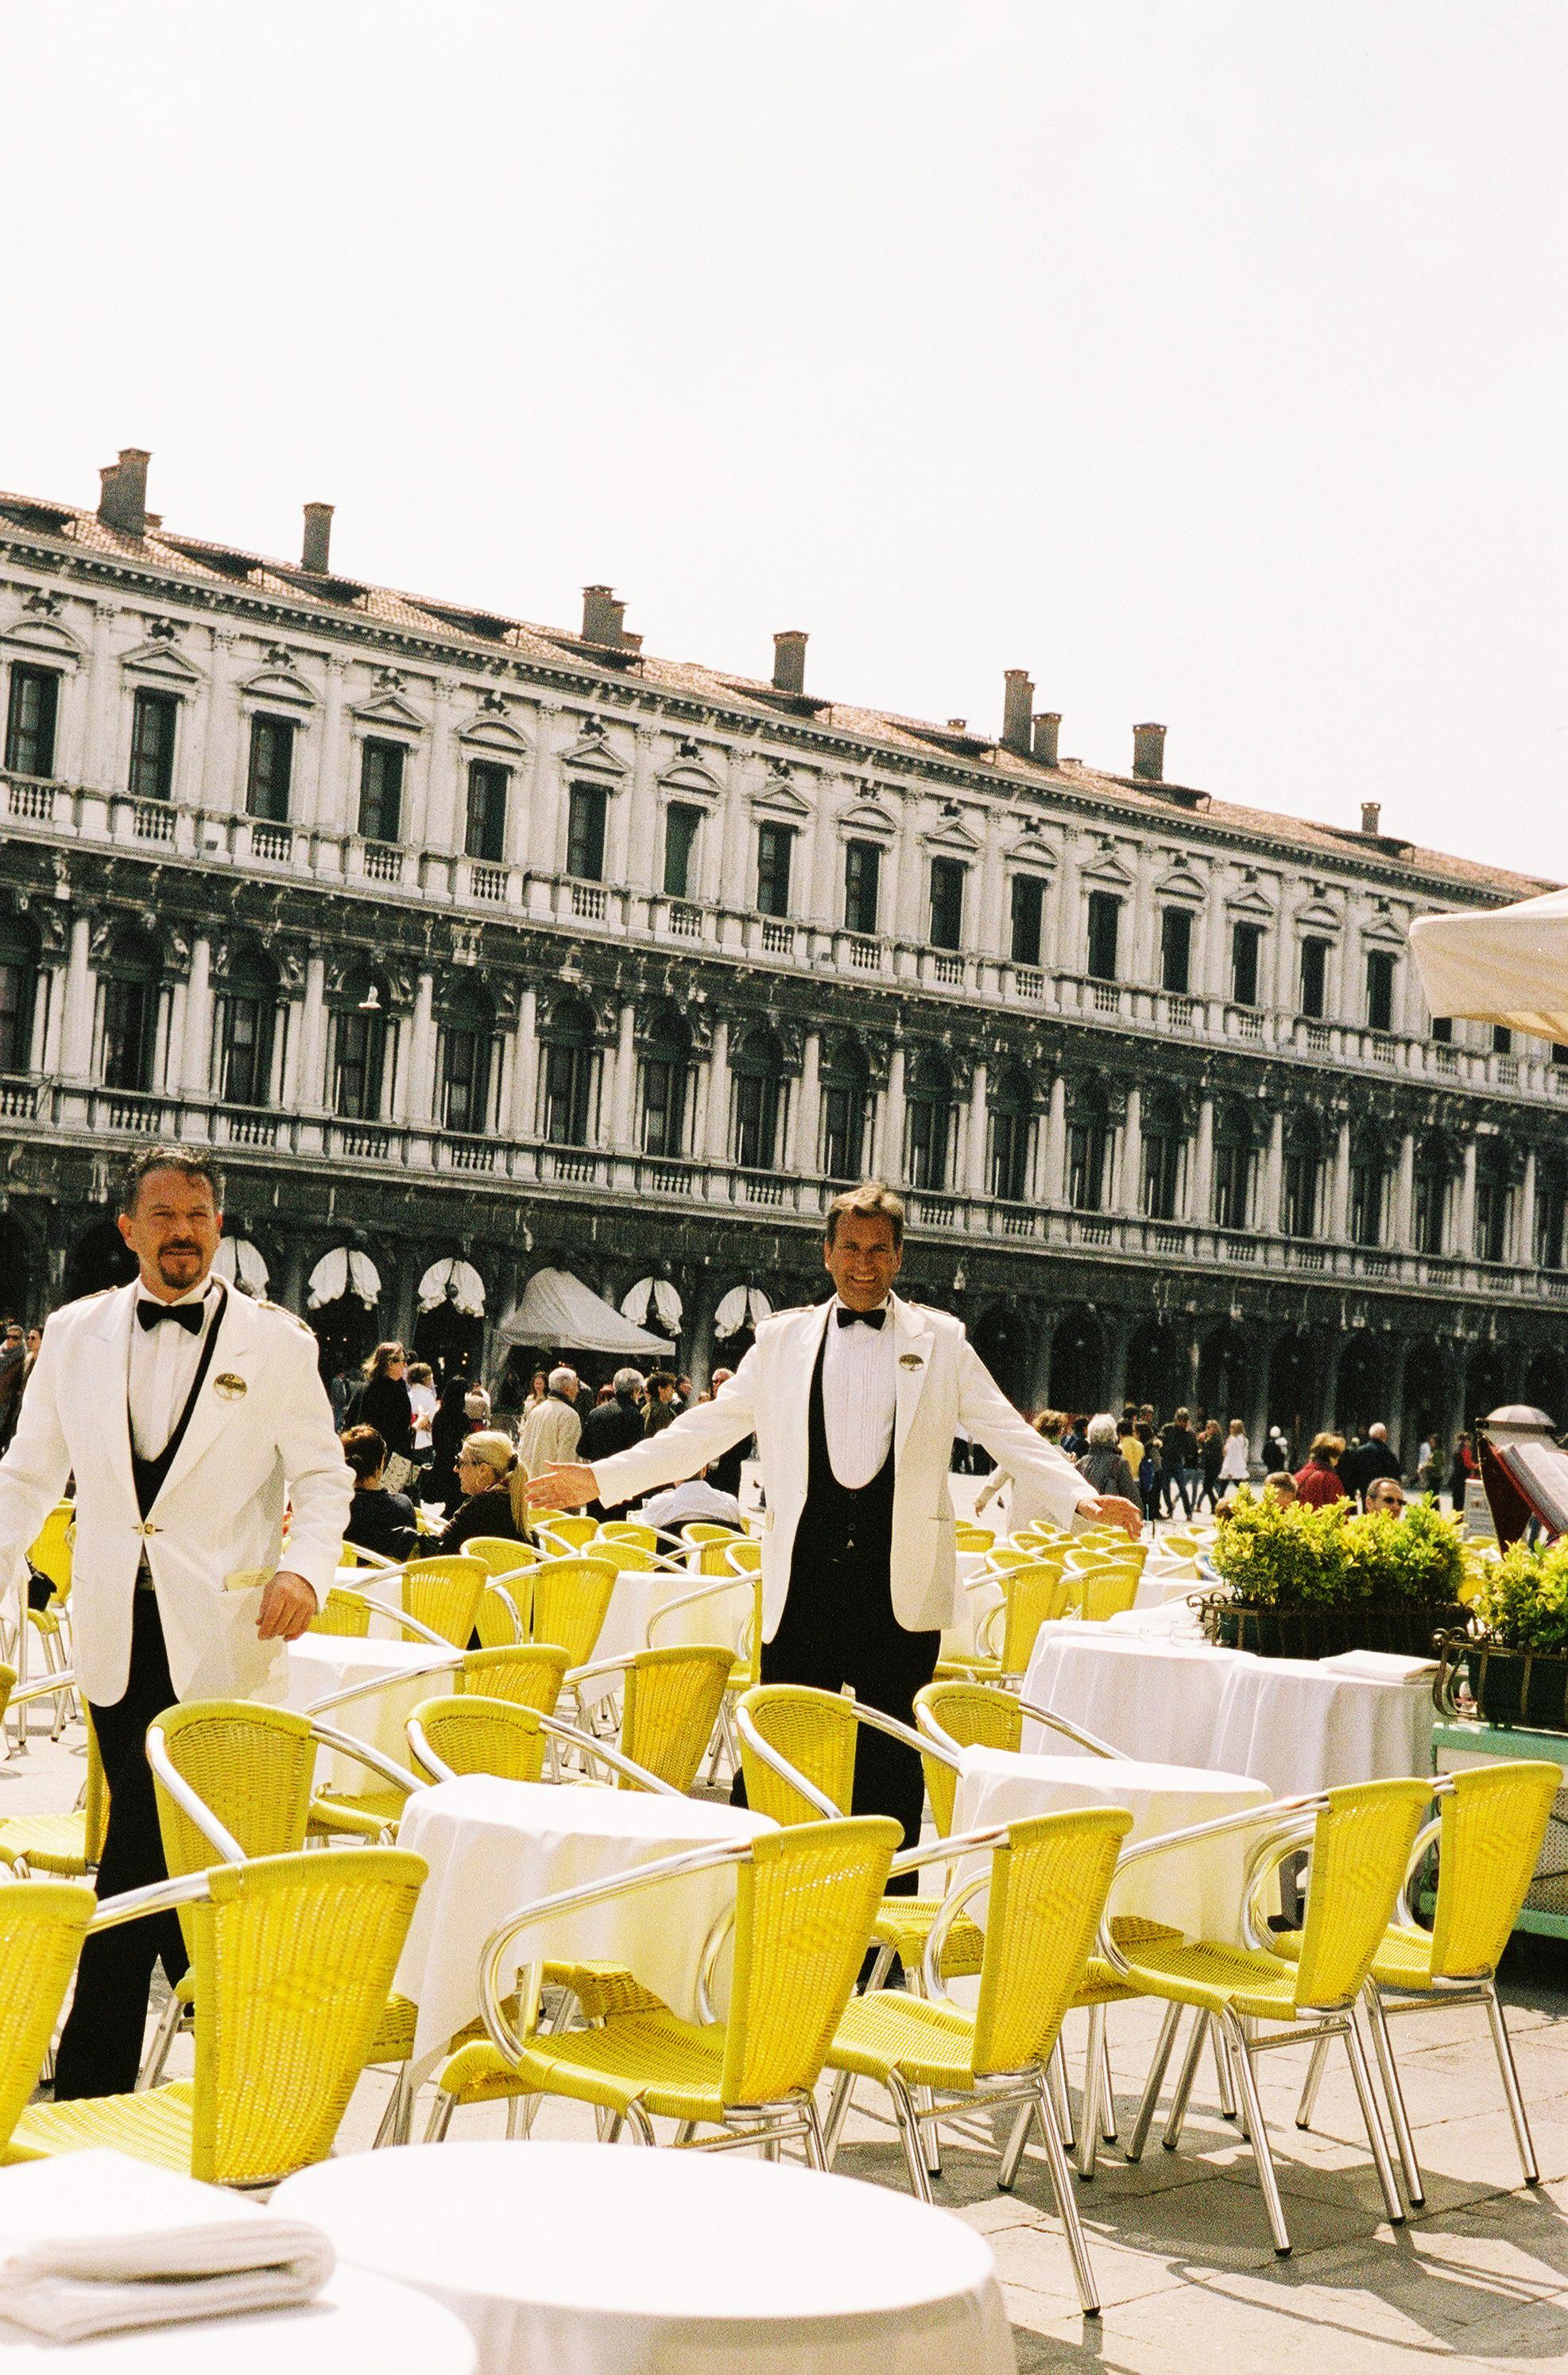 Venice 002826-R01-055-26.jpg